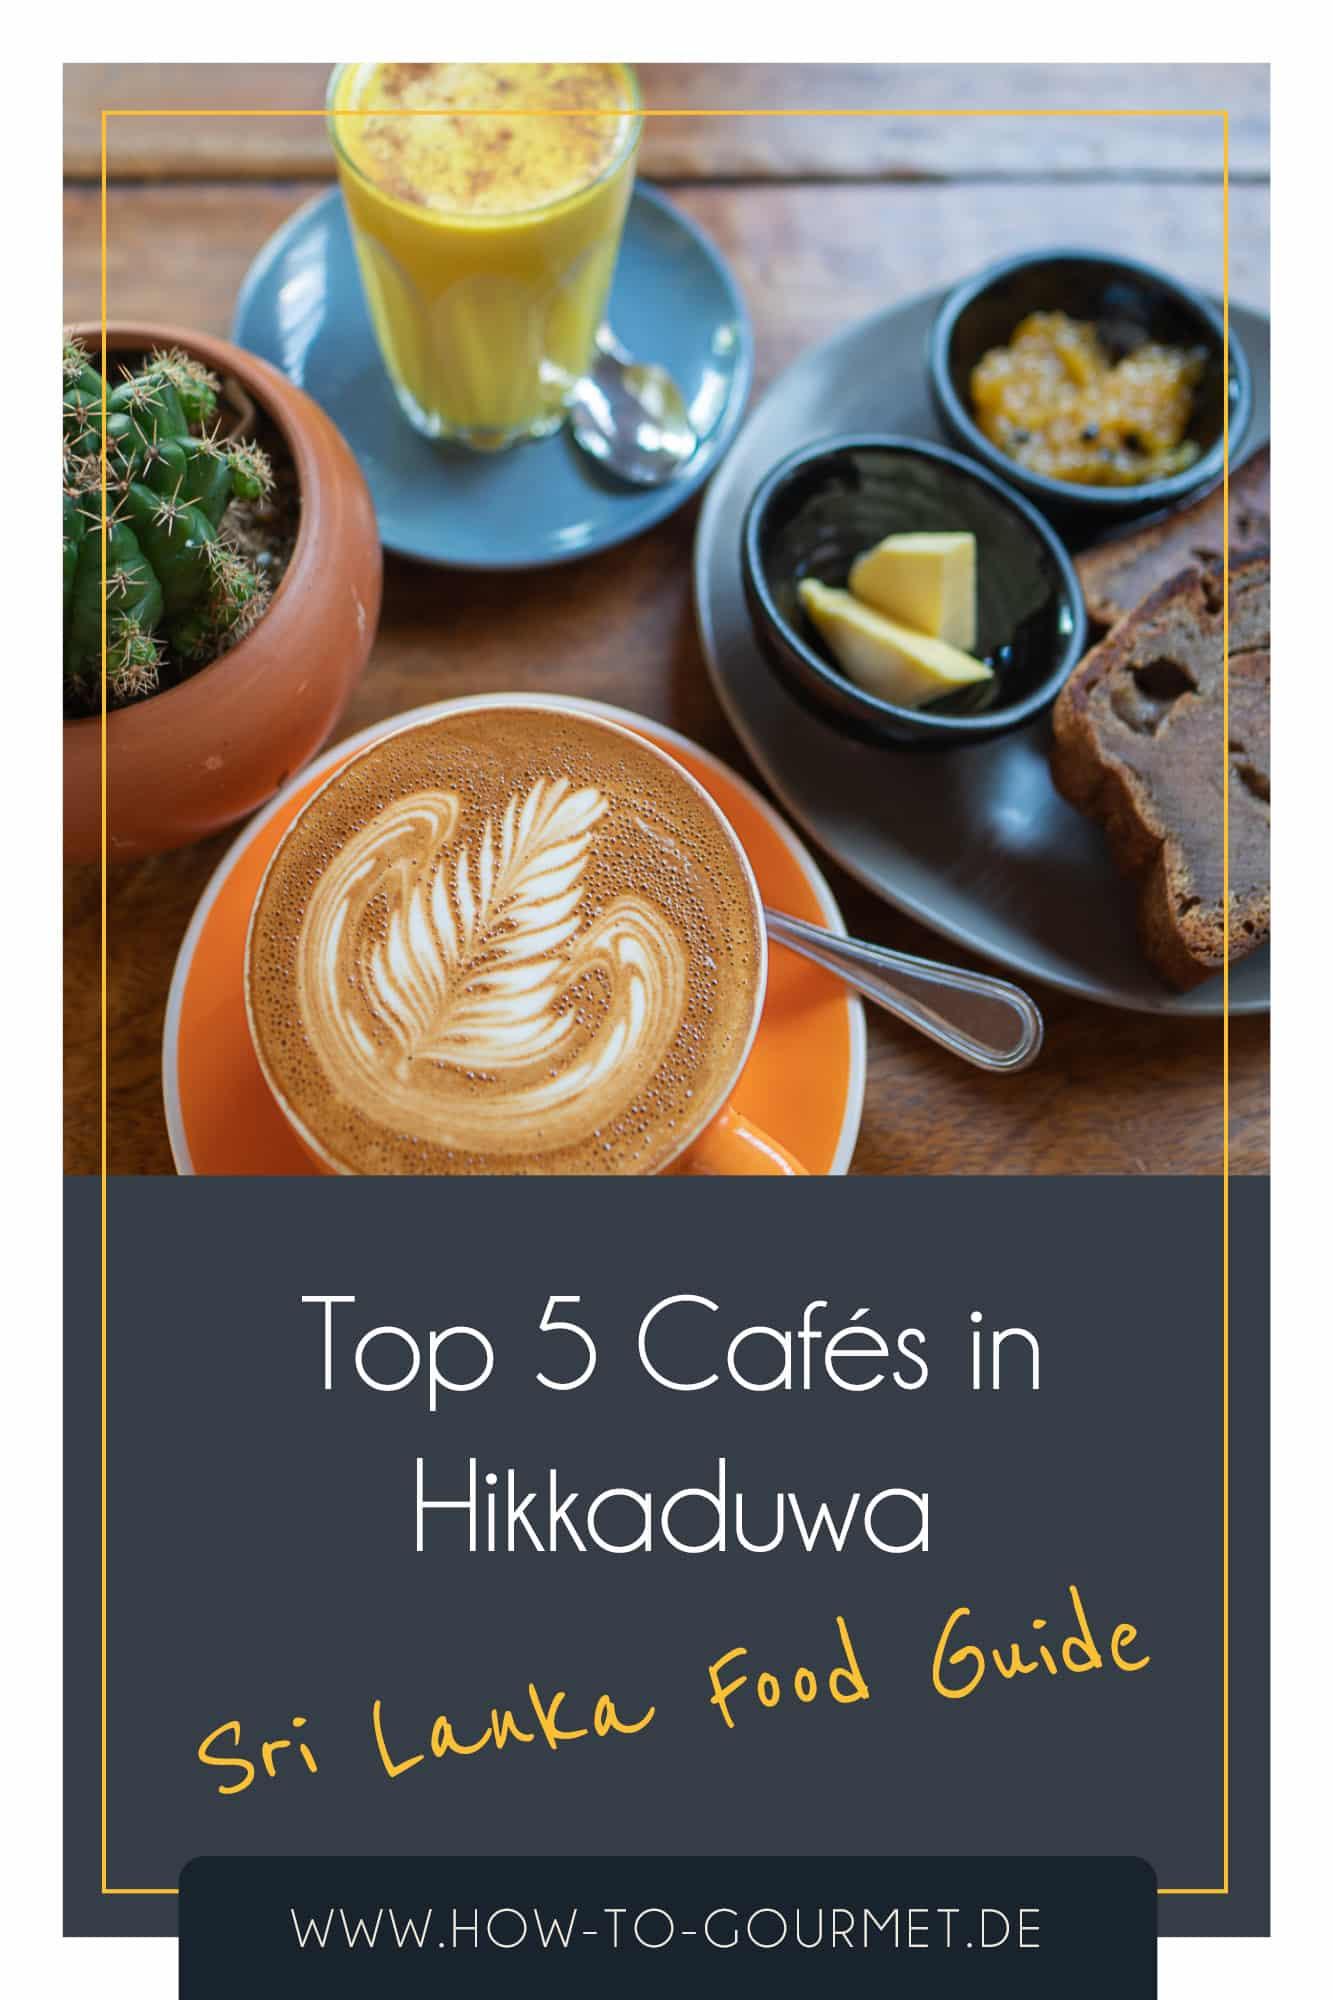 top 5 cafes hikkaduwa